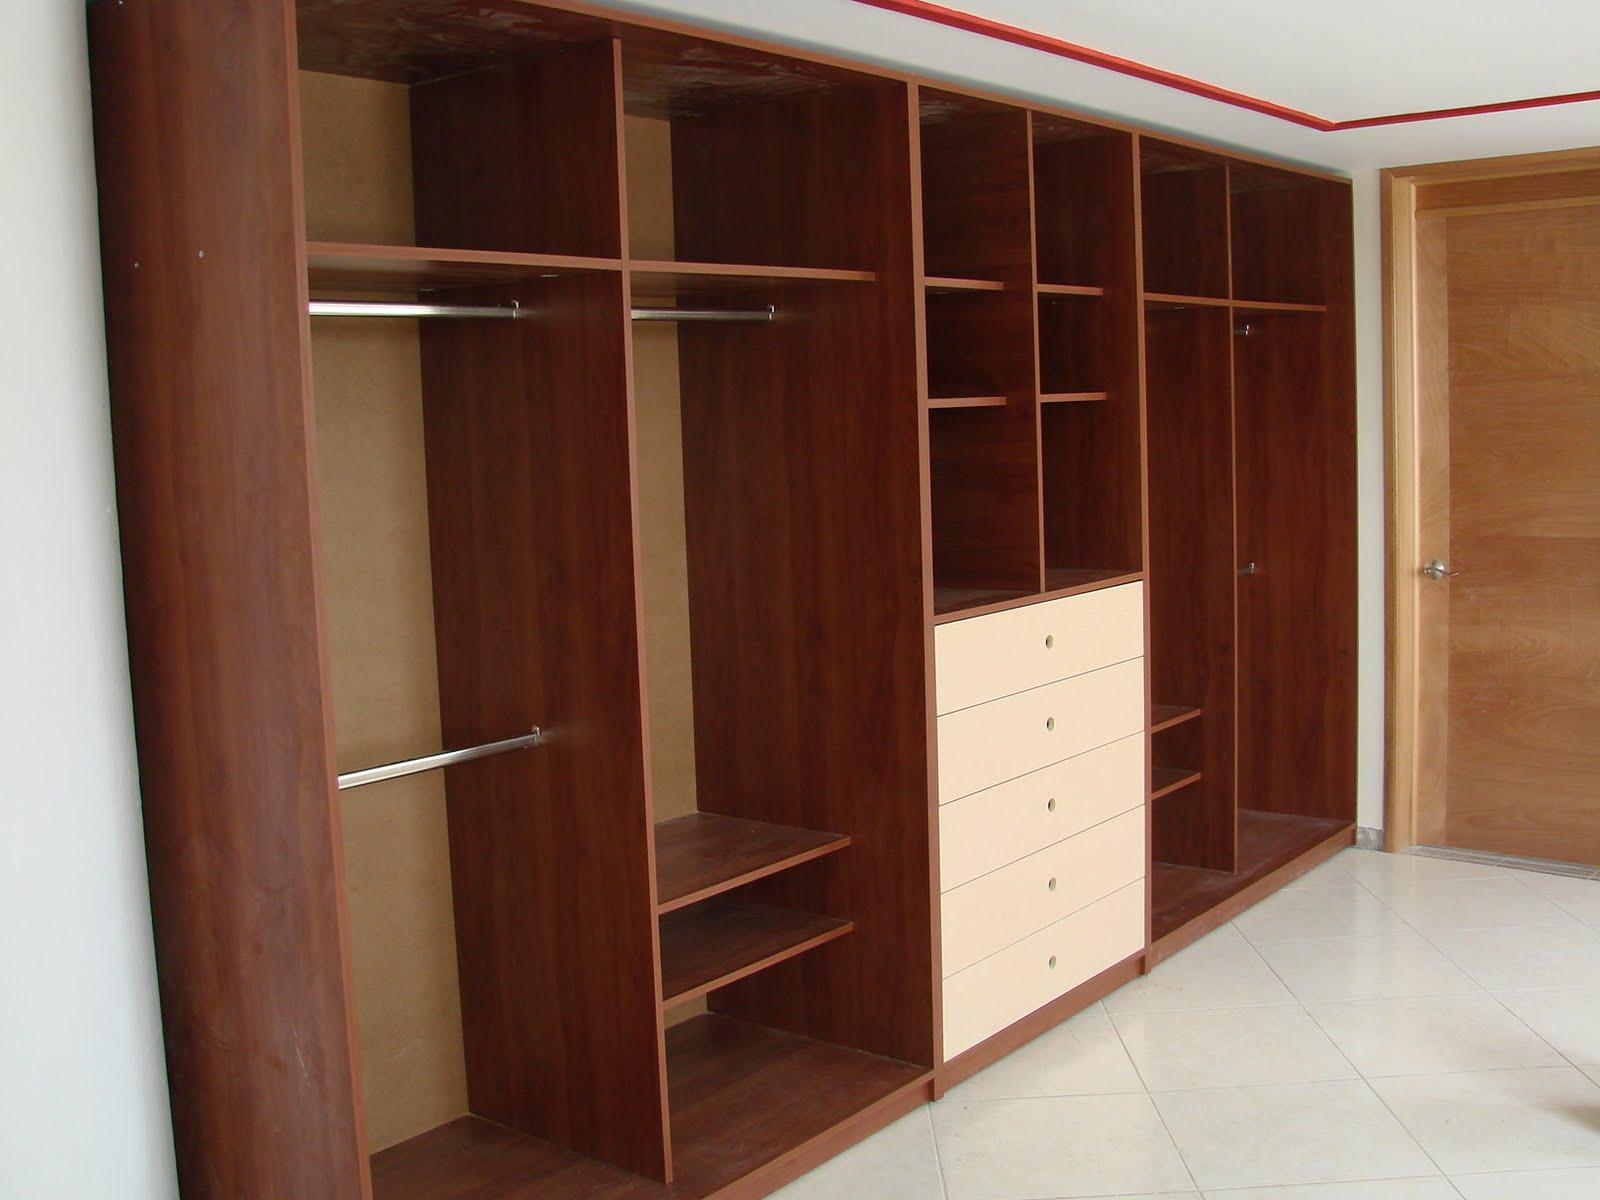 Cocinas integrales vestidores closets etc closets y for Closet de madera para dormitorios